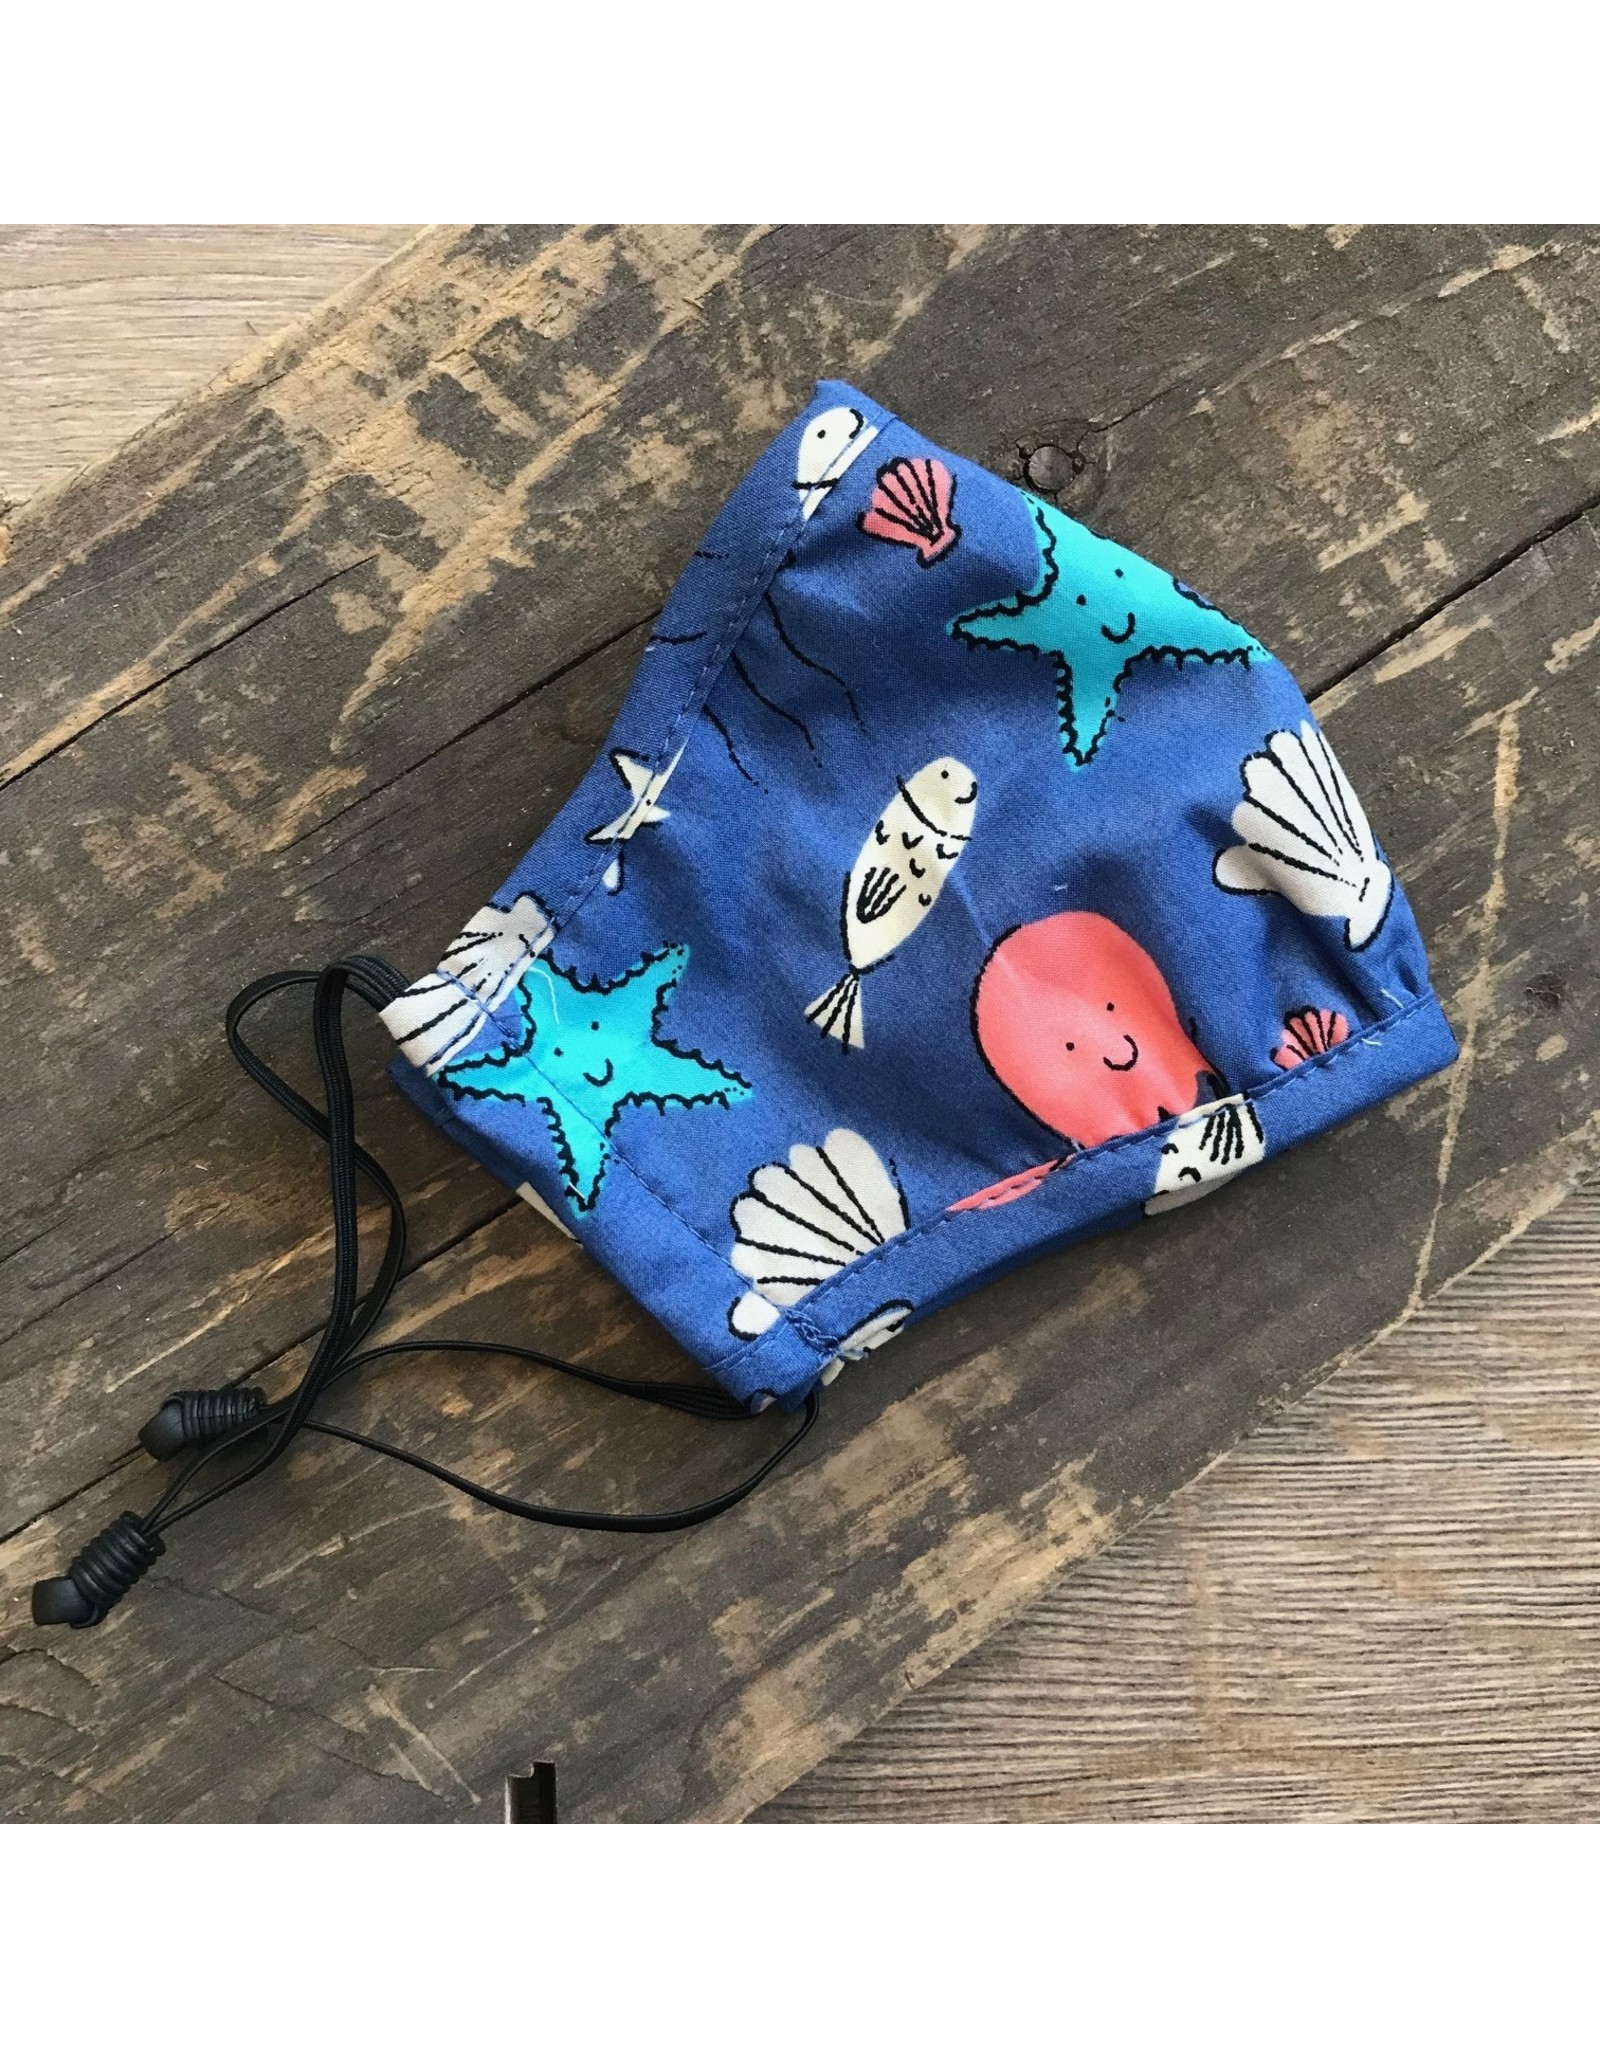 Papillon Papillon - KIDS size - Cotton mask (ocean print)